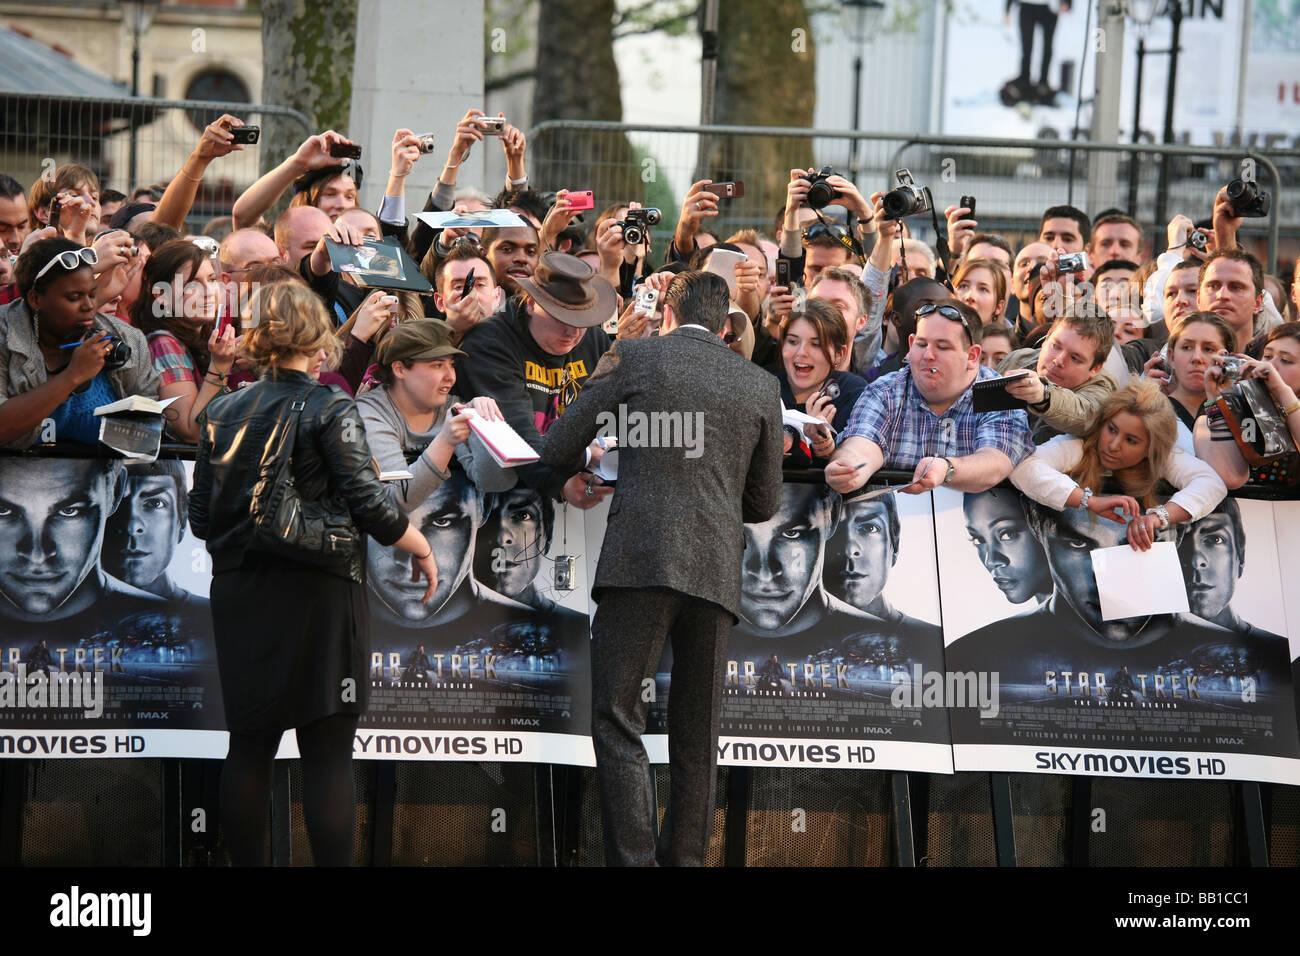 film premier paparazzi fans 'autograph hunters' - Stock Image